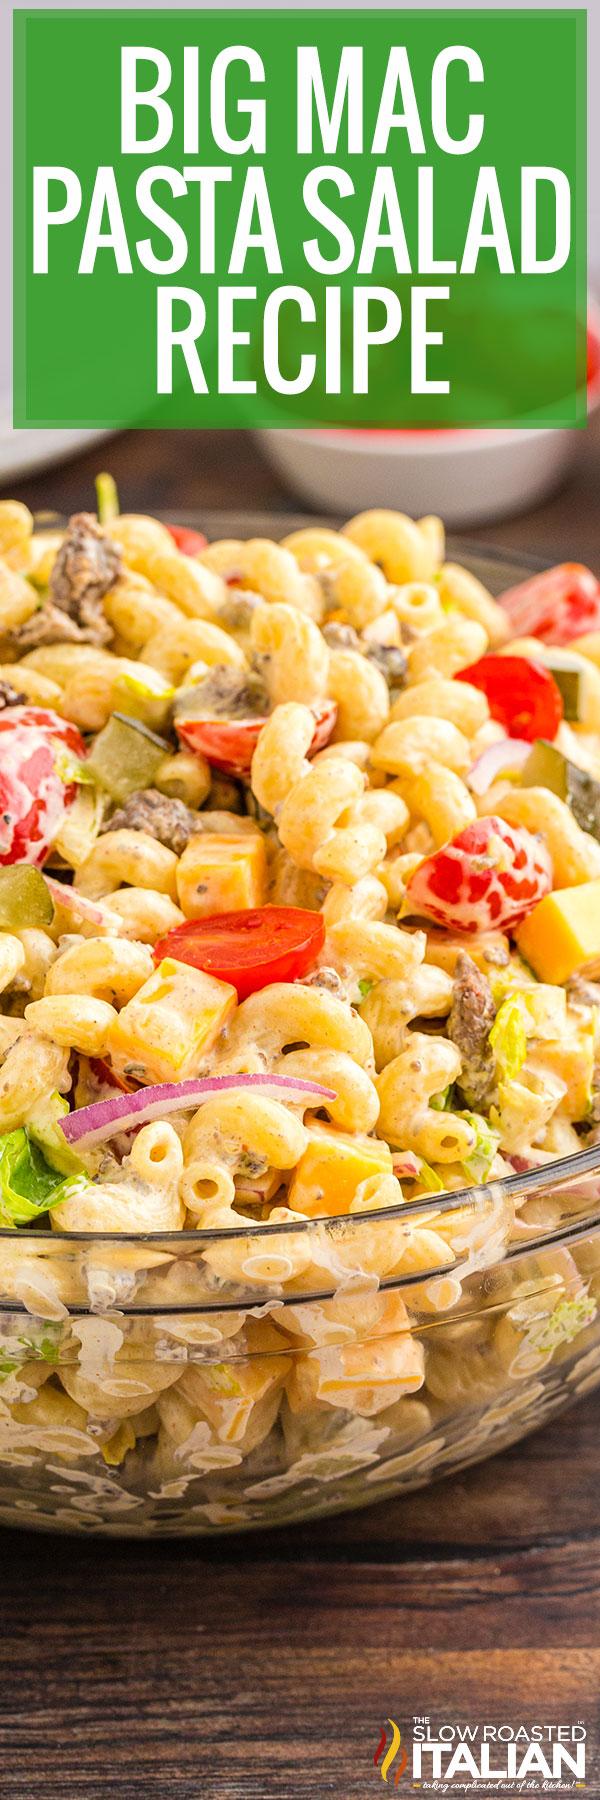 pasta salad recipe close up